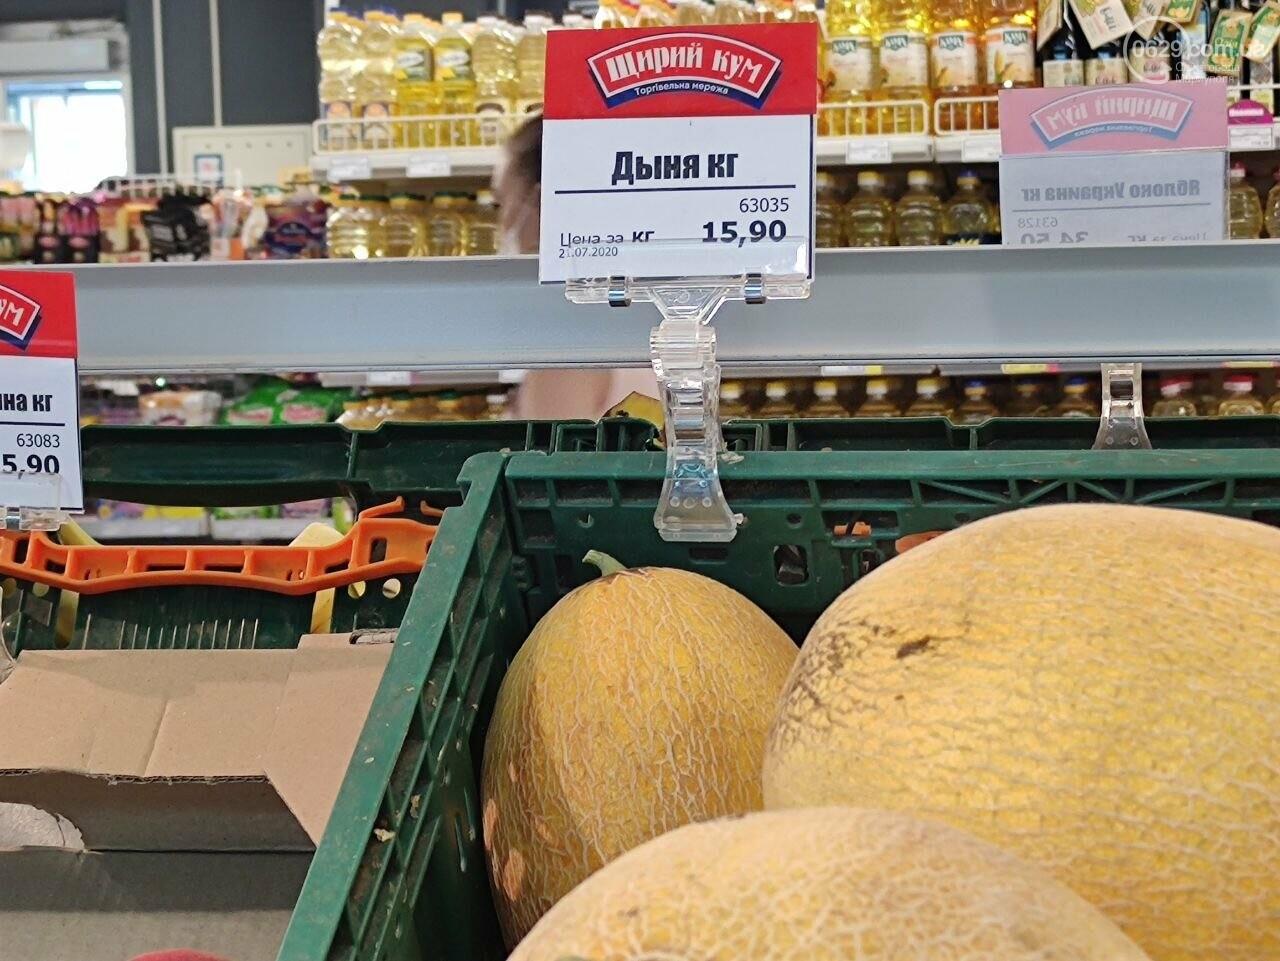 Проверка на нитраты в Мариуполе: опасные дыни в супермаркете и злые продавцы на рынке, - ФОТО, ВИДЕО, фото-15